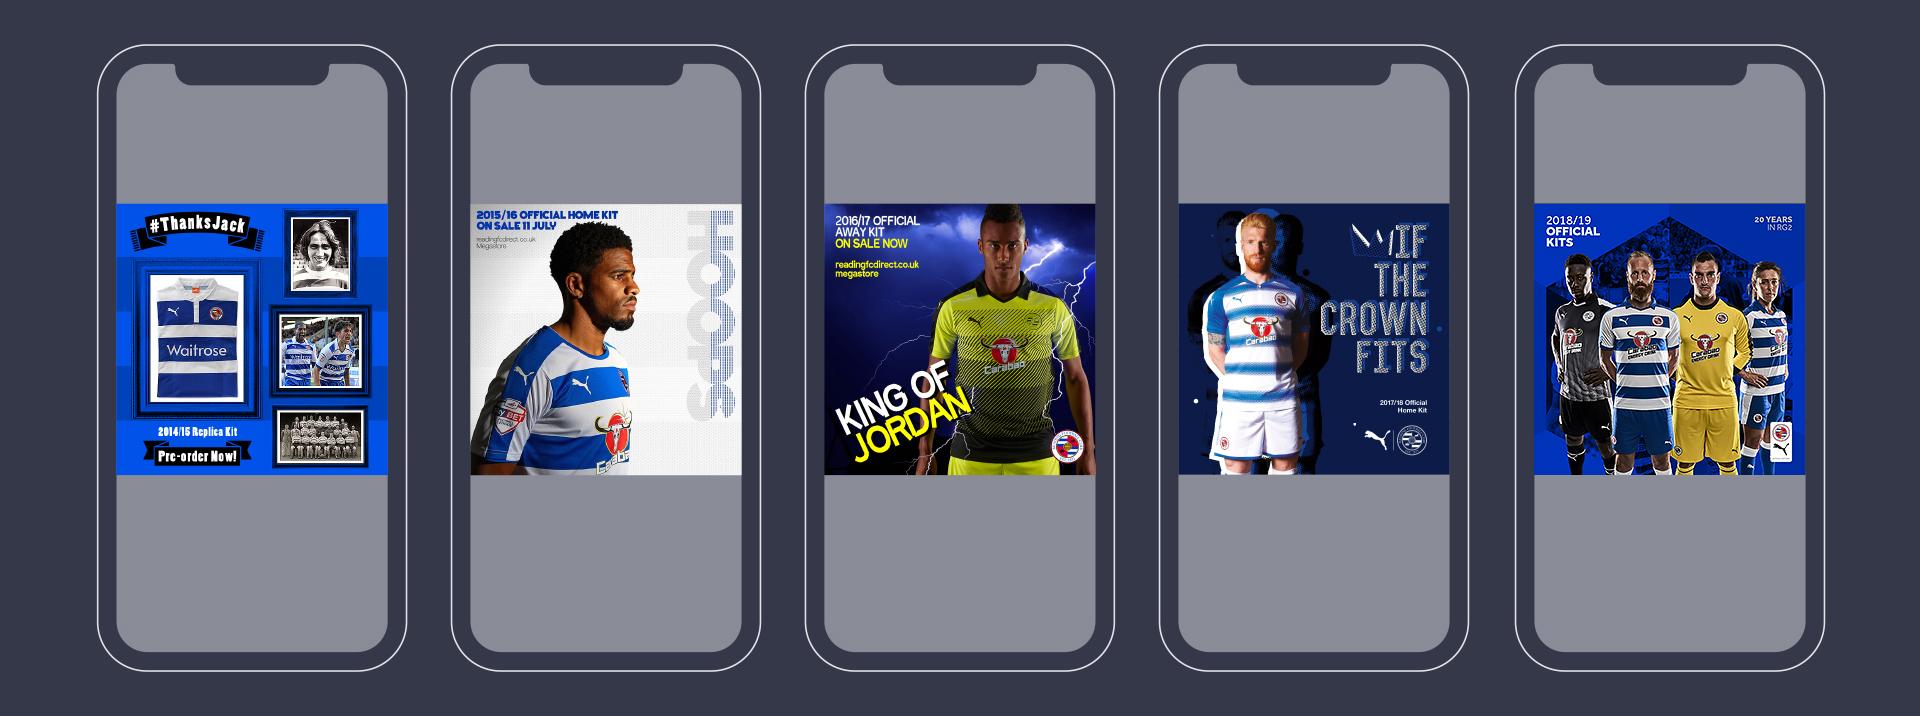 Reading FC Kit Social Media Branding